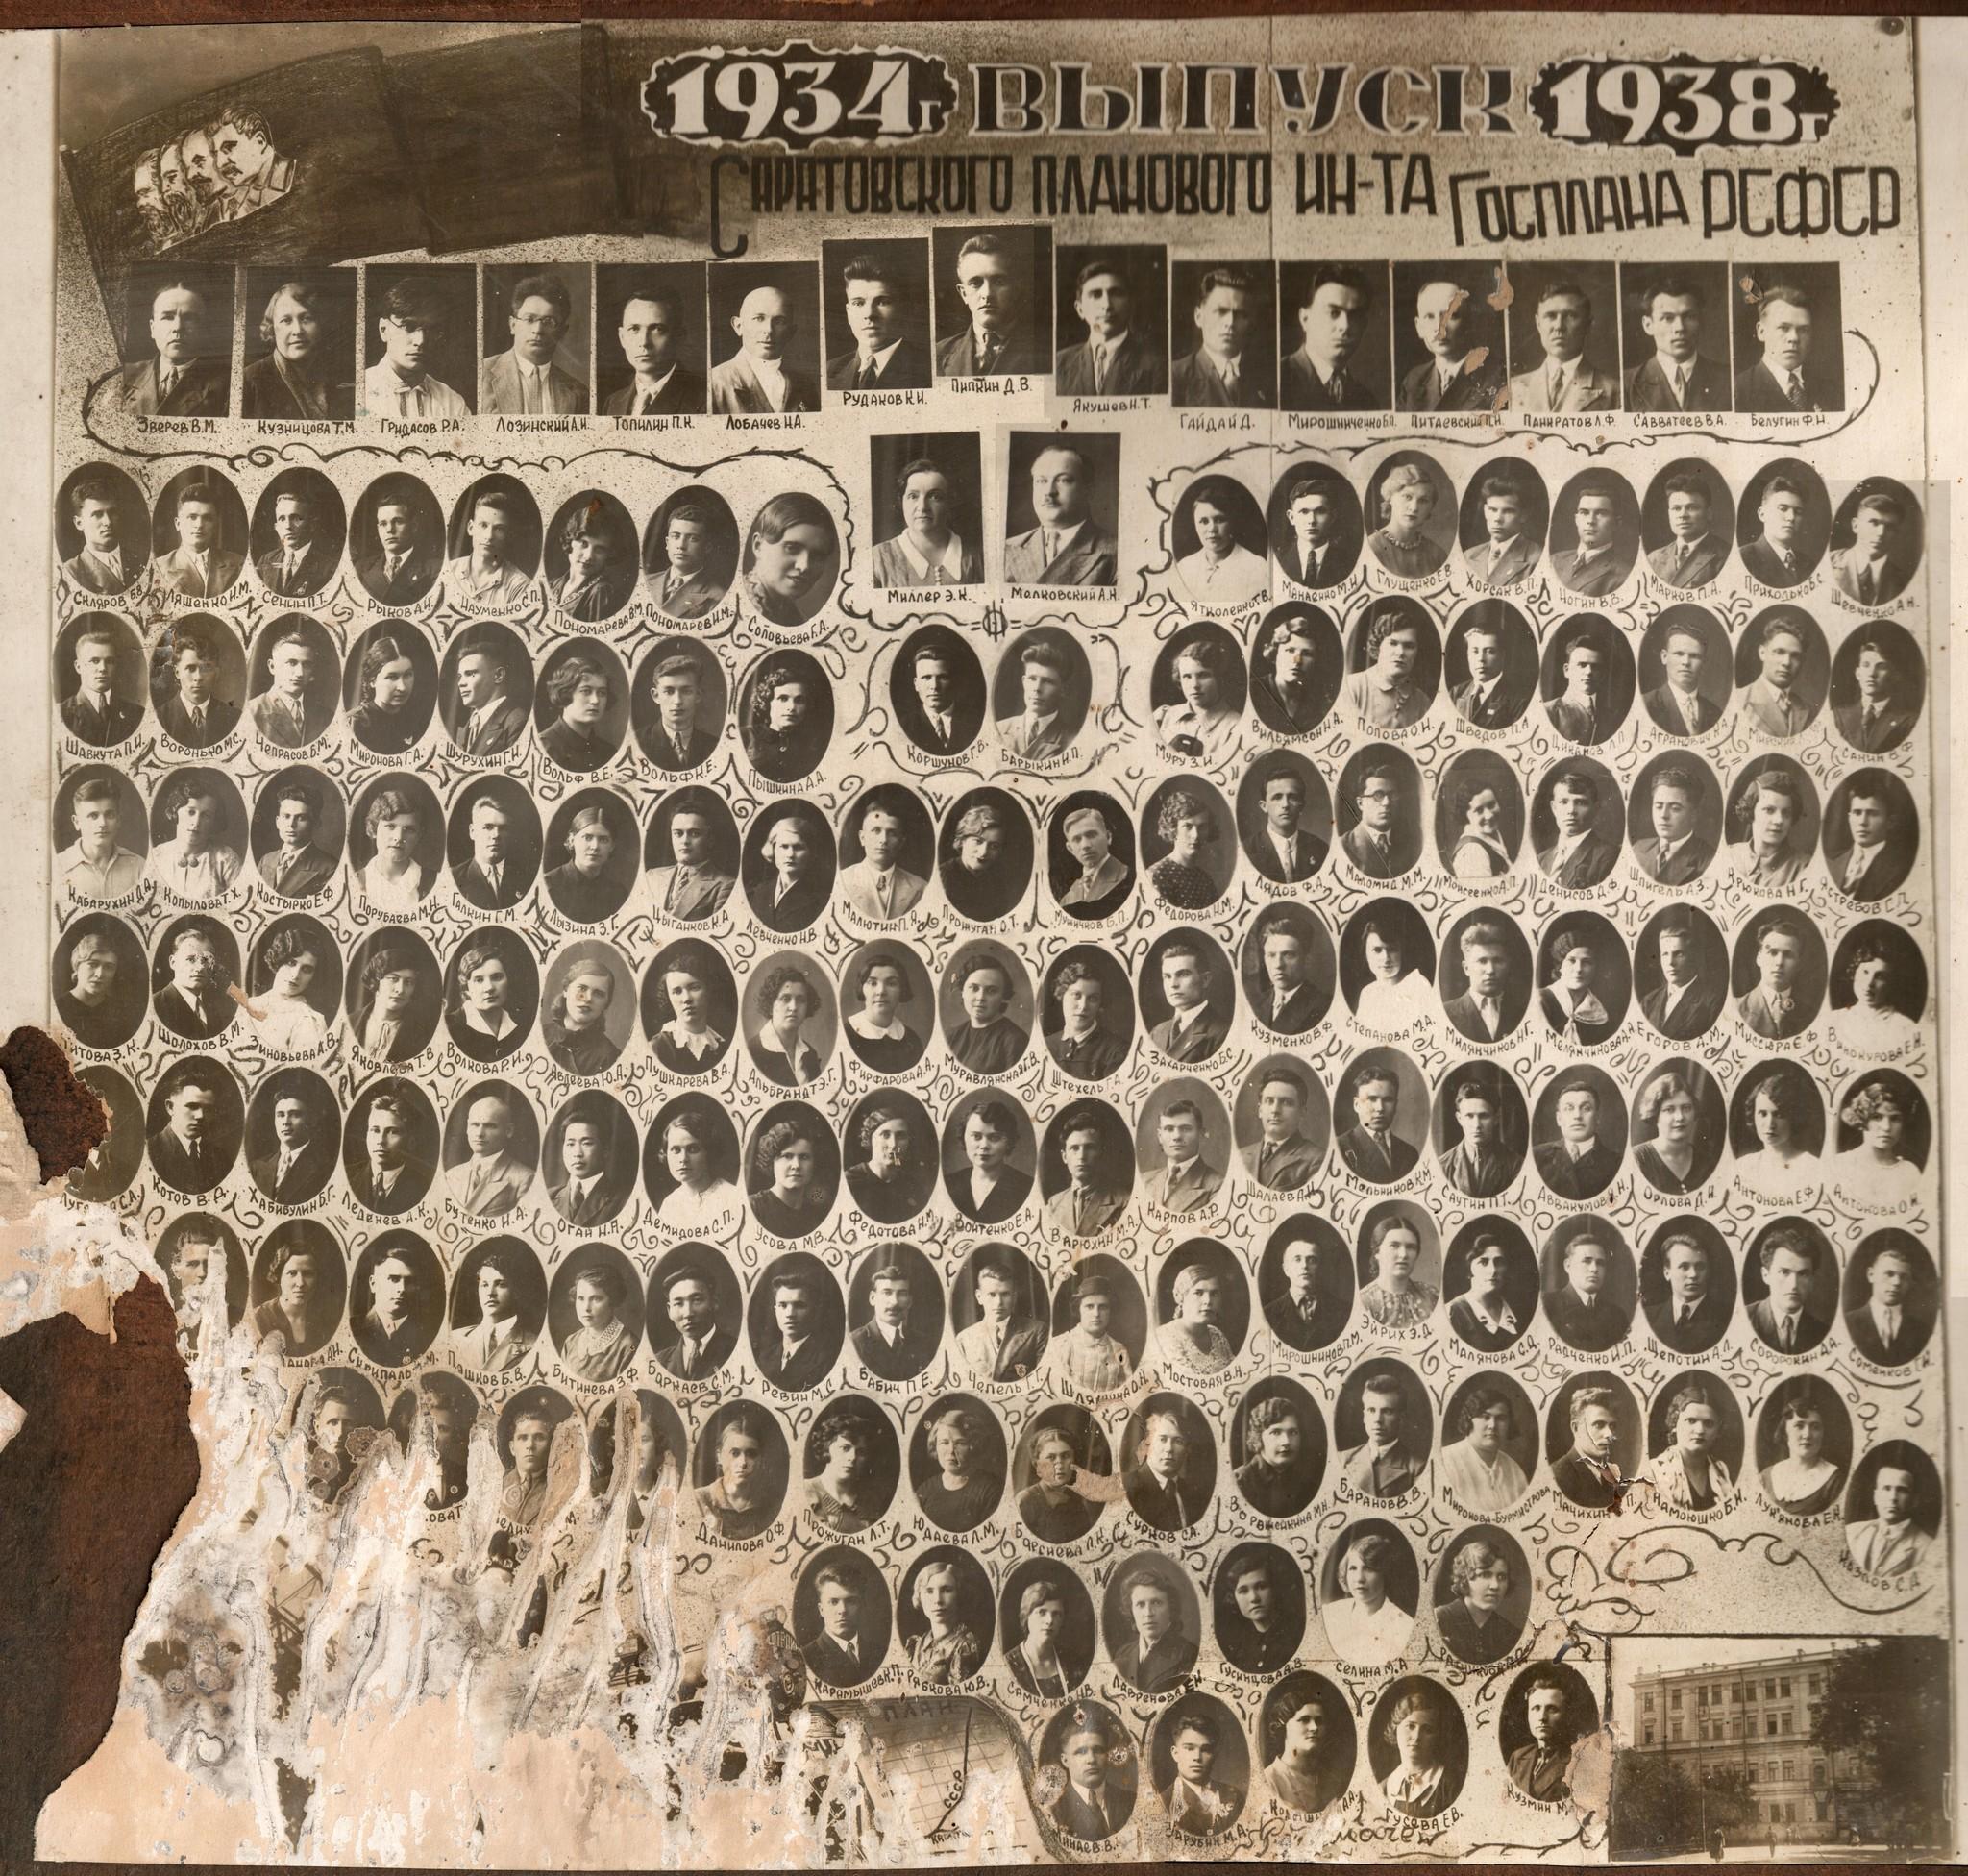 Выпуск Саратовского планового института Госплана РСФСР 1934-1938гг.